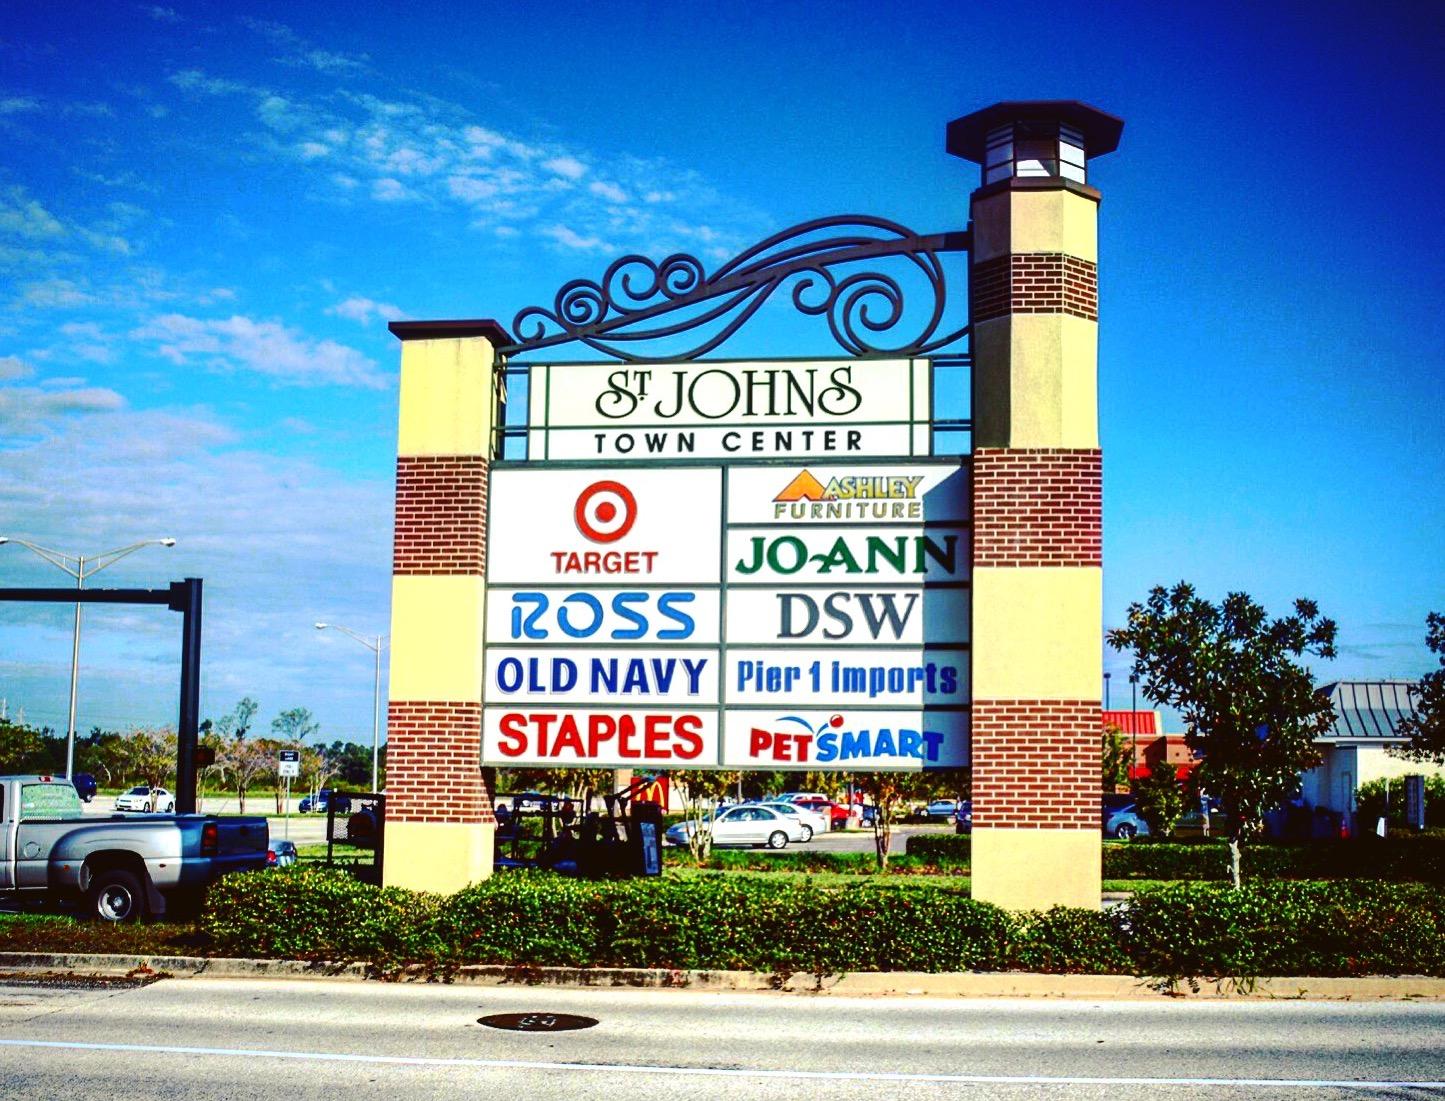 St. Johns Town Center, Jacksonville, FL